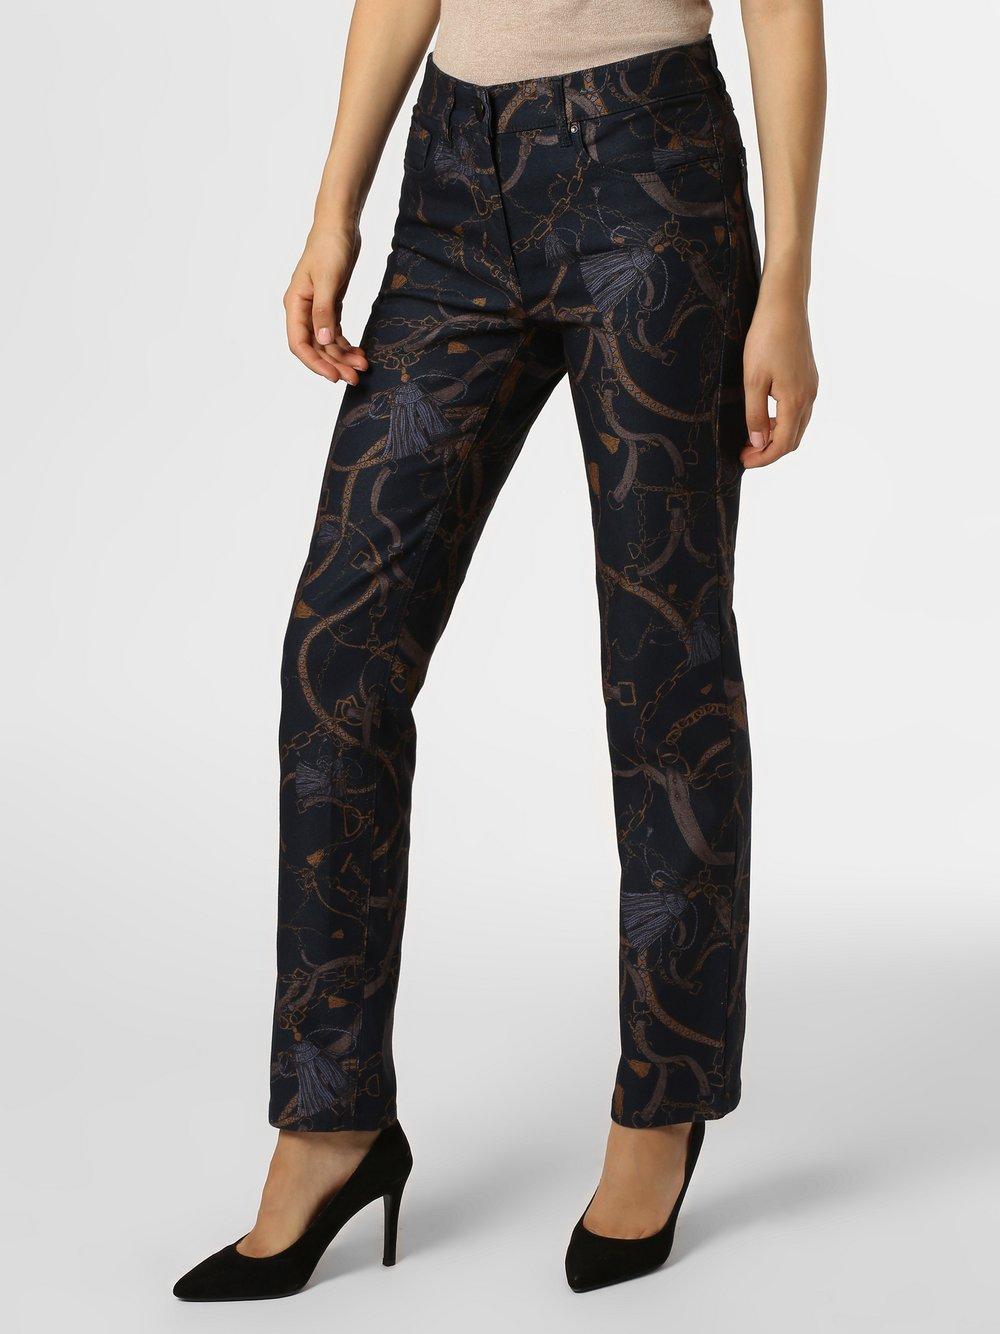 Zerres – Spodnie damskie – Cora, niebieski Van Graaf 448588-0001